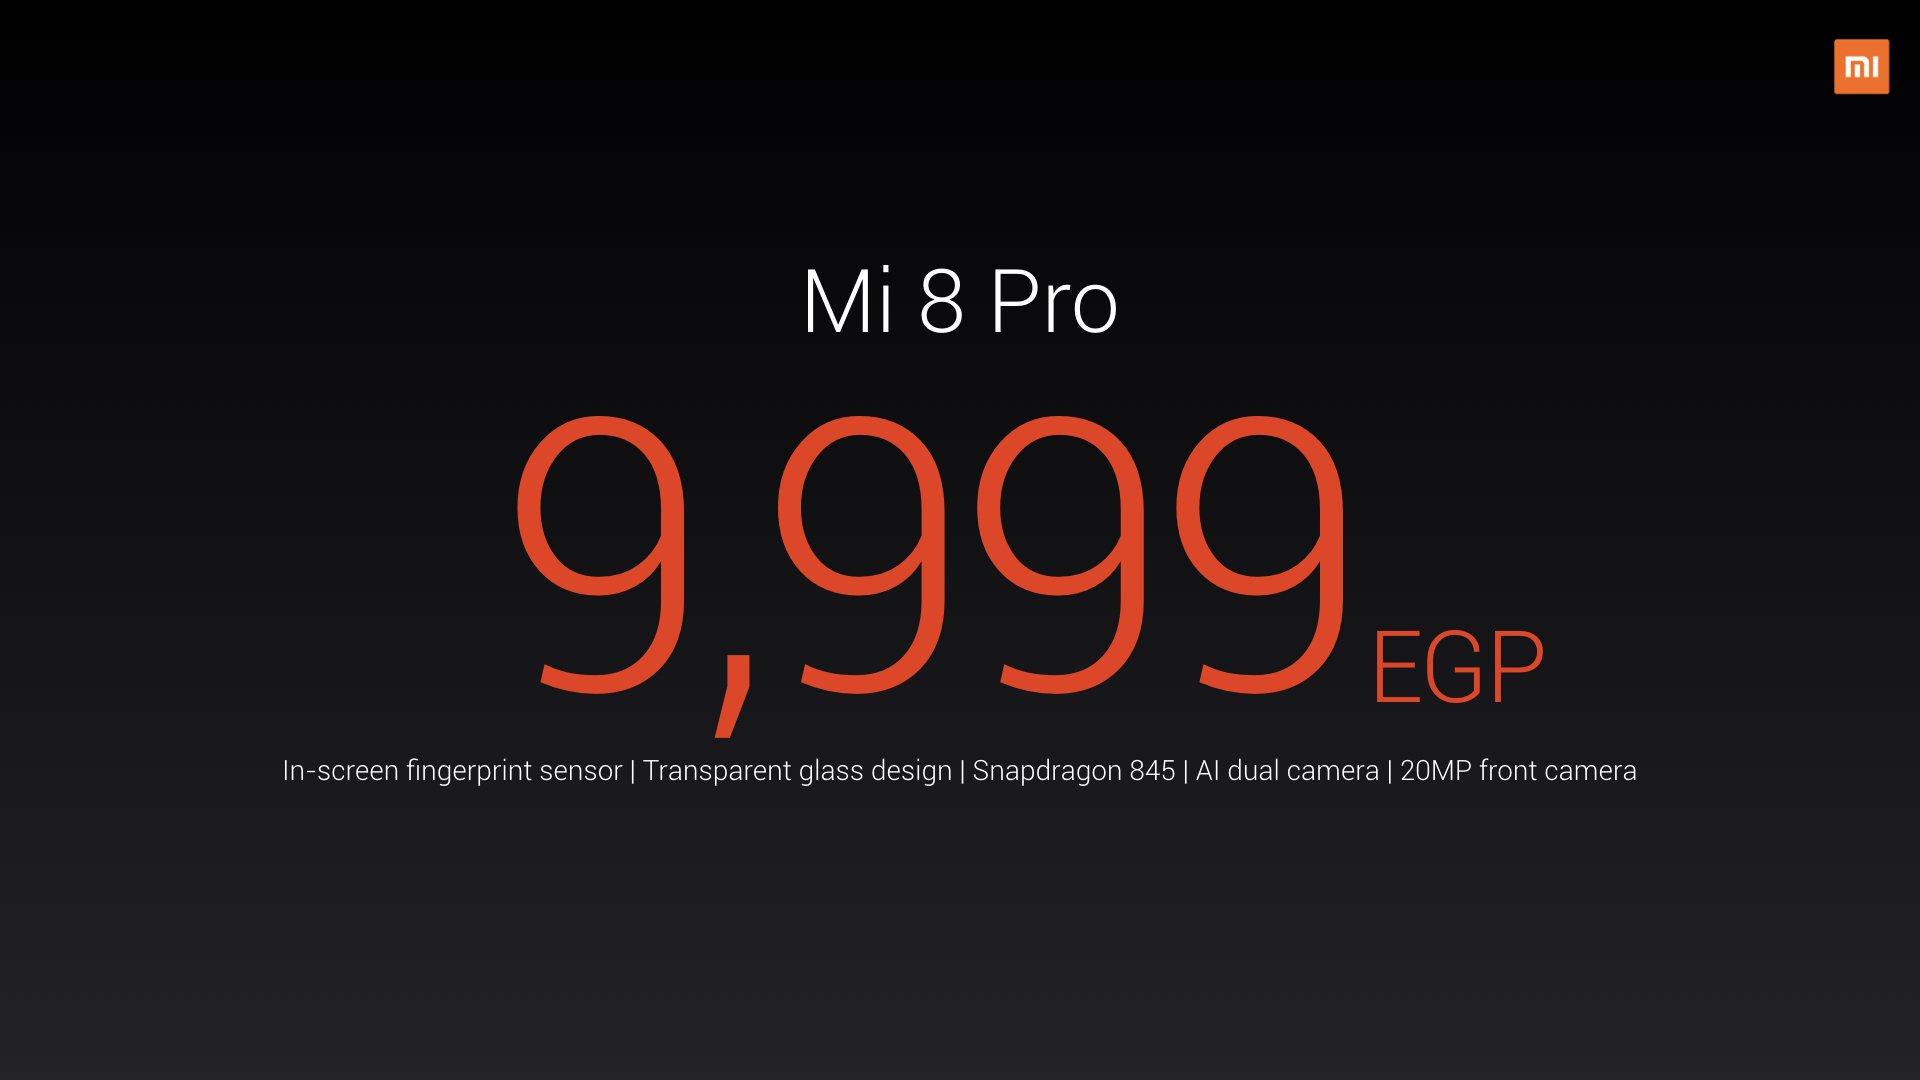 مواصفات هاتف Xiaomi Mi 8 Pro مع المميزات والعيوب والسعر 4